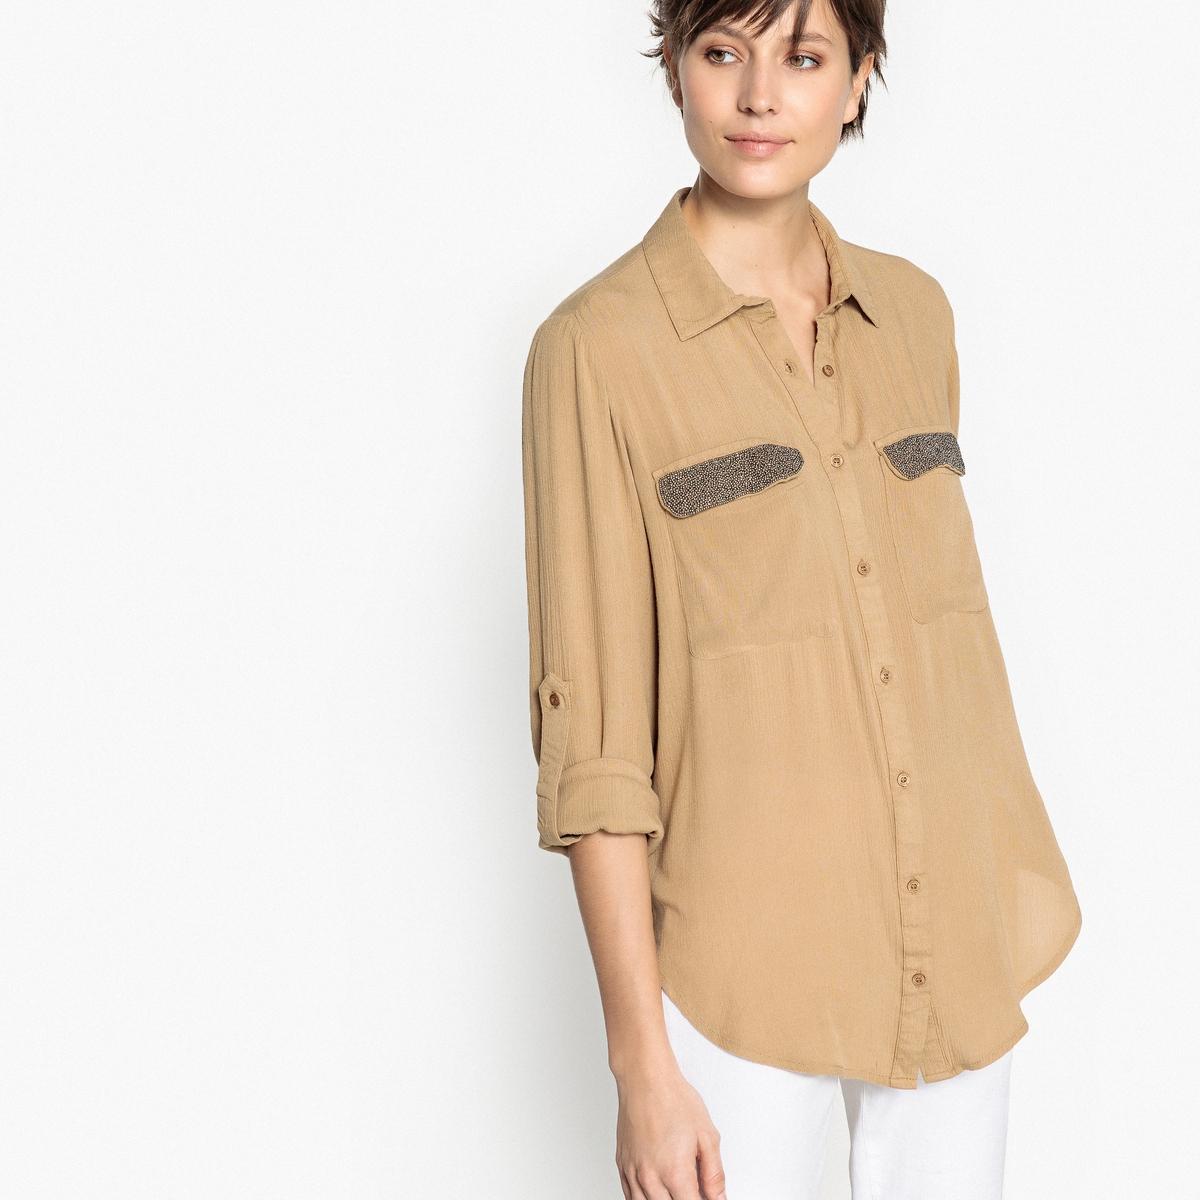 Рубашка однотонная прямого покроя с воротником-полоОписаниеДетали •  Длинные рукава •  Прямой покрой •  Воротник-поло, рубашечныйСостав и уход •  100% вискоза •  Следуйте советам по уходу, указанным на этикетке<br><br>Цвет: песочный